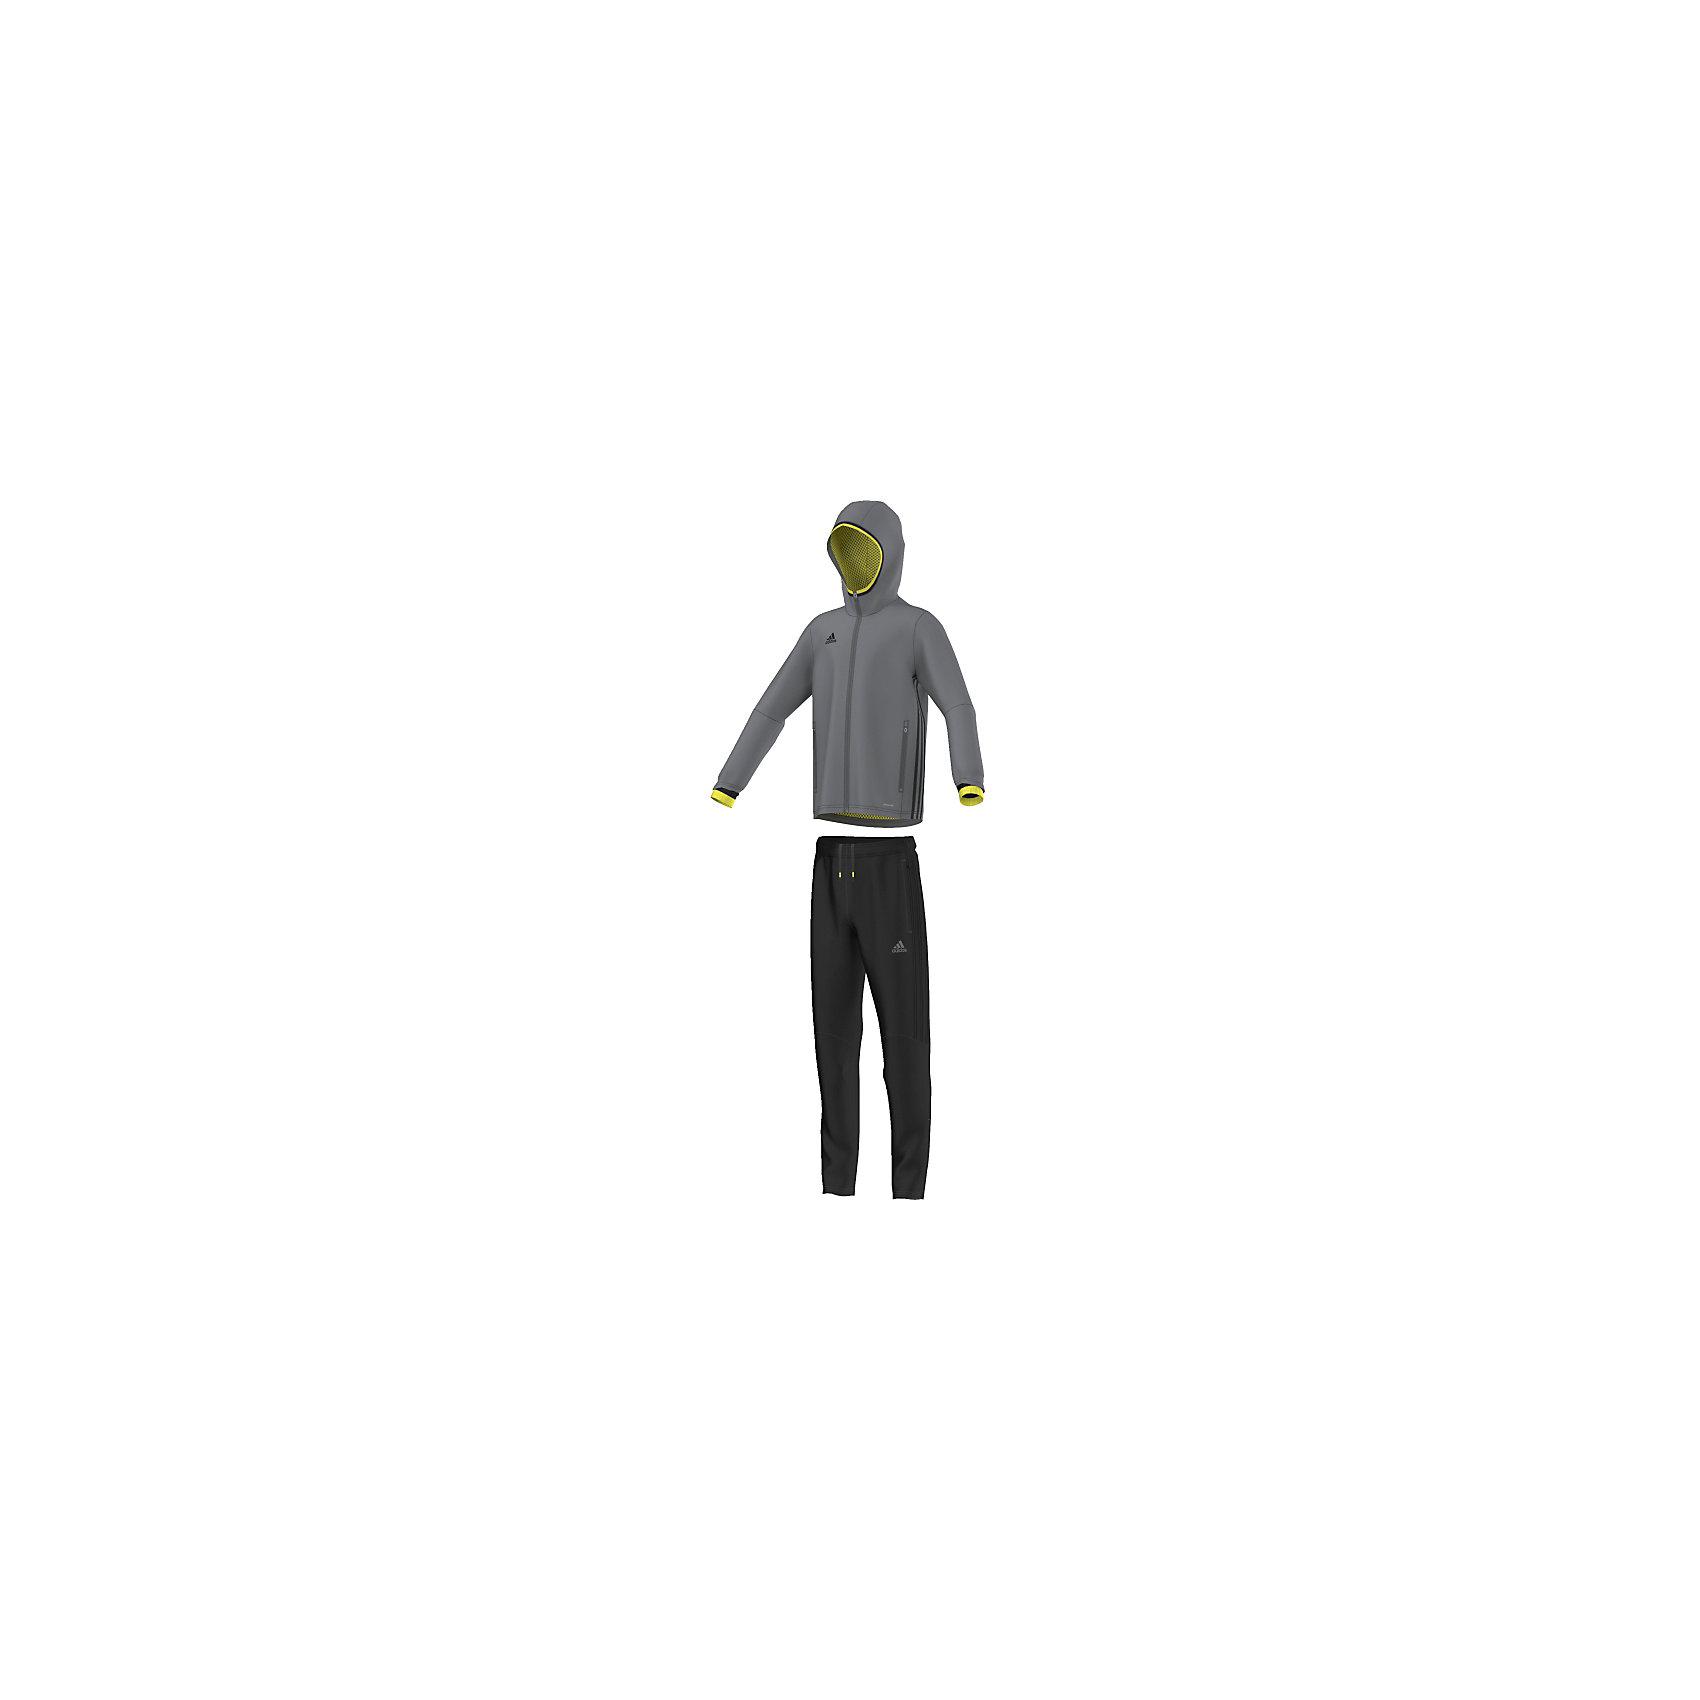 Спортивный костюм Condivo 16 Presentation Suit adidasСпортивная форма<br>Костюм спортивный Аdidas (Адидас).<br><br>Характеристики:<br><br>• Цвет: серый, черный.<br>• Куртка: 100% полиэстер, брюки: 100% полиэстер (футер), подкладка: 100% переработанный полиэстер (сетка).<br>• Материал: трикотаж.<br>• Куртка с капюшоном для защиты от ветра на молнии.<br>• Технология climacool® сохраняет приятные ощущения прохлады и свежести благодаря специальным сетчатым вставкам<br>• Куртка: карманы на молнии, застежка на молнию, капюшон, контрастная эластичная окантовка капюшона и рукавов, сетчатые вставки, обработанные лазером, на спине<br>• Брюки: карманы на молнии, пояс на регулируемых завязках-шнурках, молнии на щиколотках, эластичные манжеты<br>• Зауженный крой брюк.<br><br>Комфортный костюм для юных спортсменов. Спортивный костюм с сетчатой подкладкой дополнен технологией climacool®, которая помогает отводить излишки тепла от тела. Куртка с капюшоном для защиты ветра от ветра. На куртке карманы на молниях, застежка на молнию. Капюшон и рукава декорированы контрастной эластичной окантовкой.  На спине сетчатые вставки, обработанные лазером. Технология climacool® сохраняет приятные ощущения прохлады и свежести благодаря специальным сетчатым вставкам. Брюки: карманы на молнии, пояс на регулируемых завязках-шнурках, молнии на щиколотках, эластичные манжеты.<br> В таком спортивном костюме ваш ребенок будет чувствовать себя удобно и комфортно на занятиях спортом и в повседневной жизни.<br>Пусть ваши дети занимаются спортом с комфортом!<br><br>Костюм спортивный  Adidas (Адидас), можно купить в нашем интернет – магазине.<br><br>Ширина мм: 247<br>Глубина мм: 16<br>Высота мм: 140<br>Вес г: 225<br>Цвет: черный<br>Возраст от месяцев: 156<br>Возраст до месяцев: 168<br>Пол: Мужской<br>Возраст: Детский<br>Размер: 164,128,140,152<br>SKU: 5003618